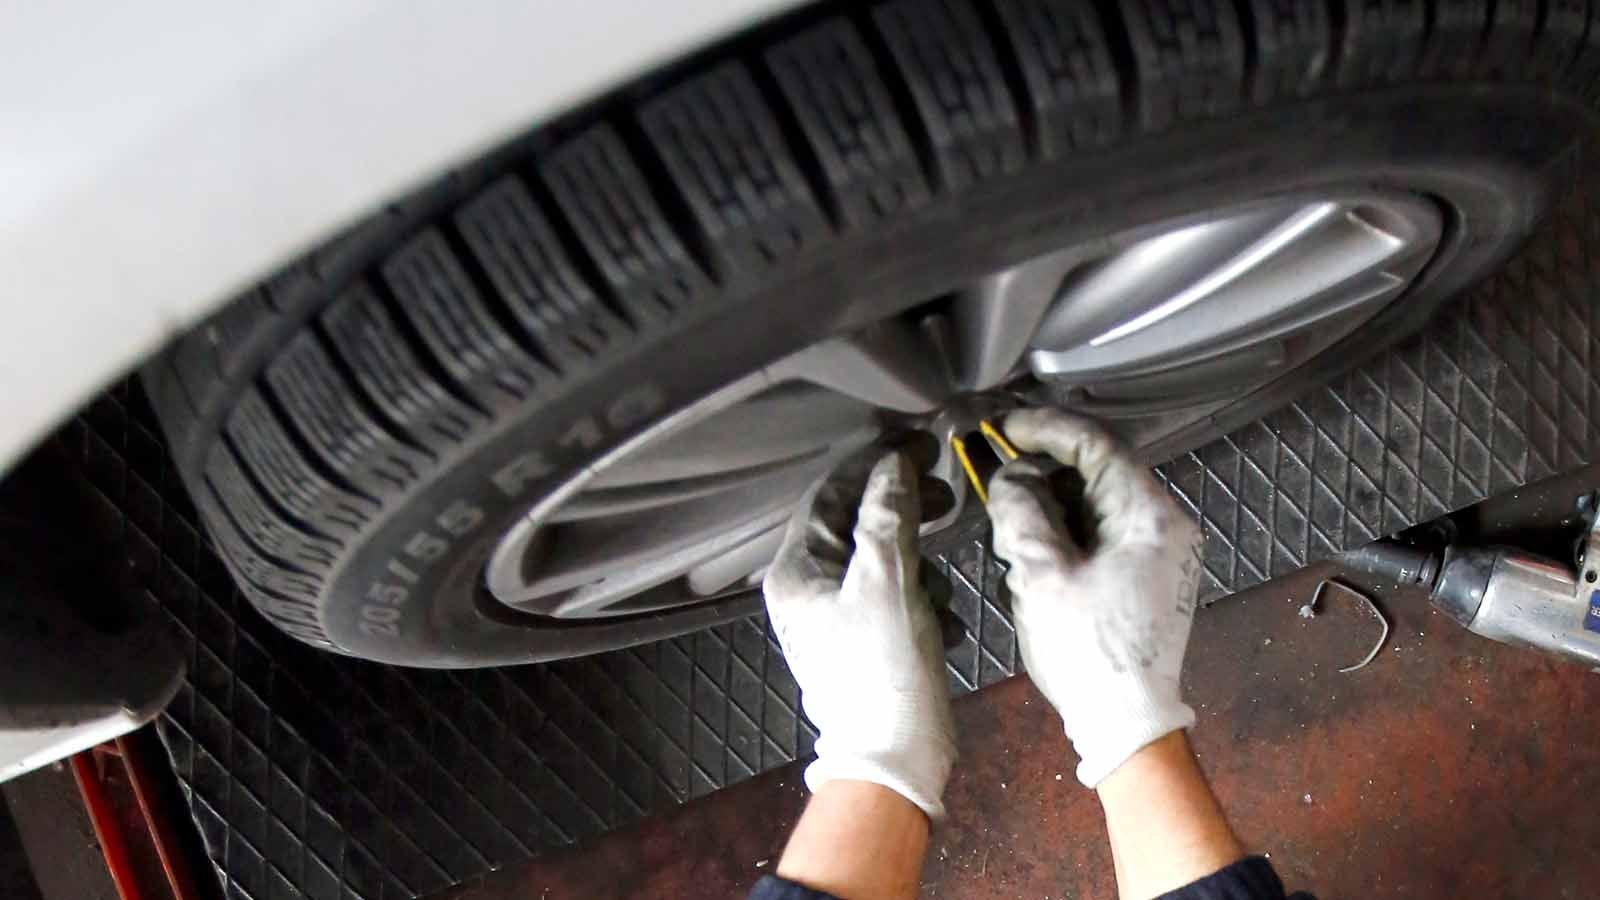 Frost-April: Verkehrsexperten warnen vor frühzeitigem Reifenwechsel | The Weather Channel - Artikel von The Weather Channel | weather.com